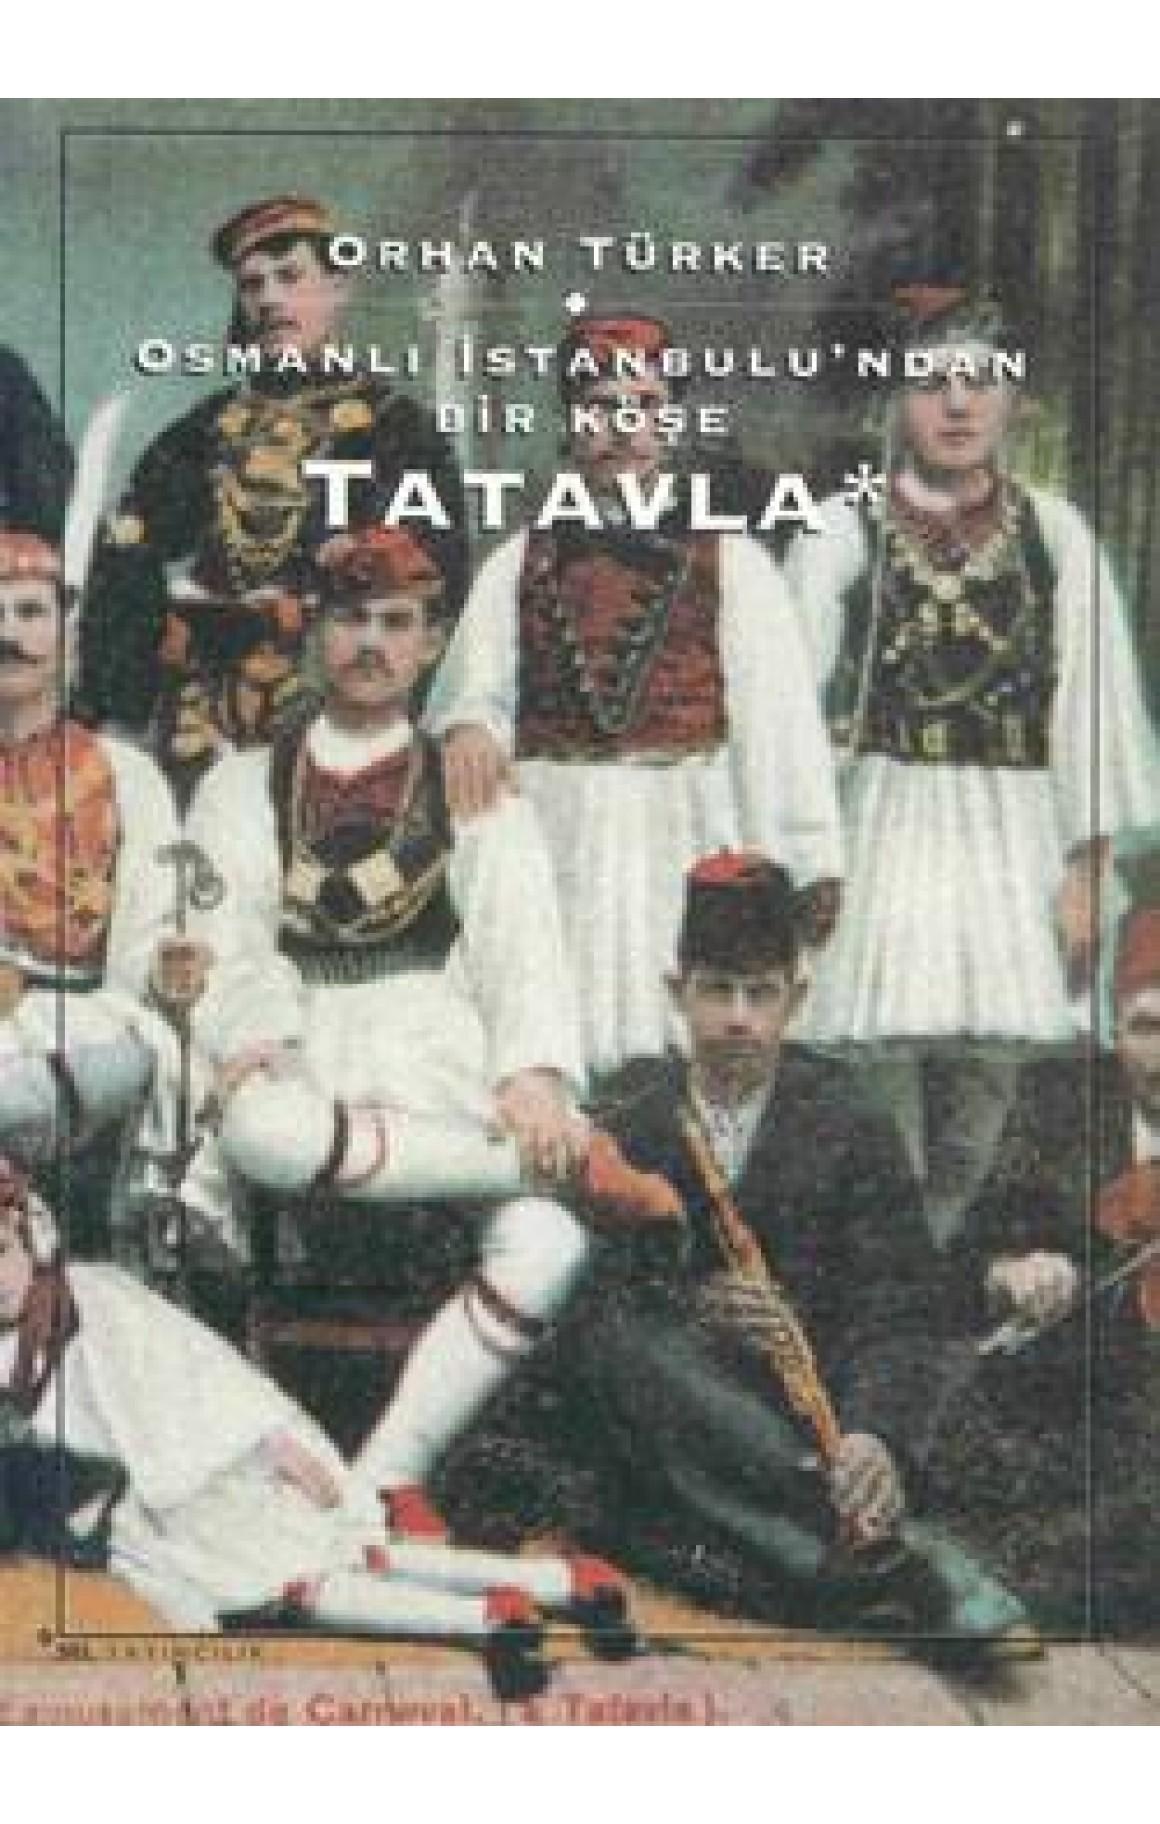 Tatavla